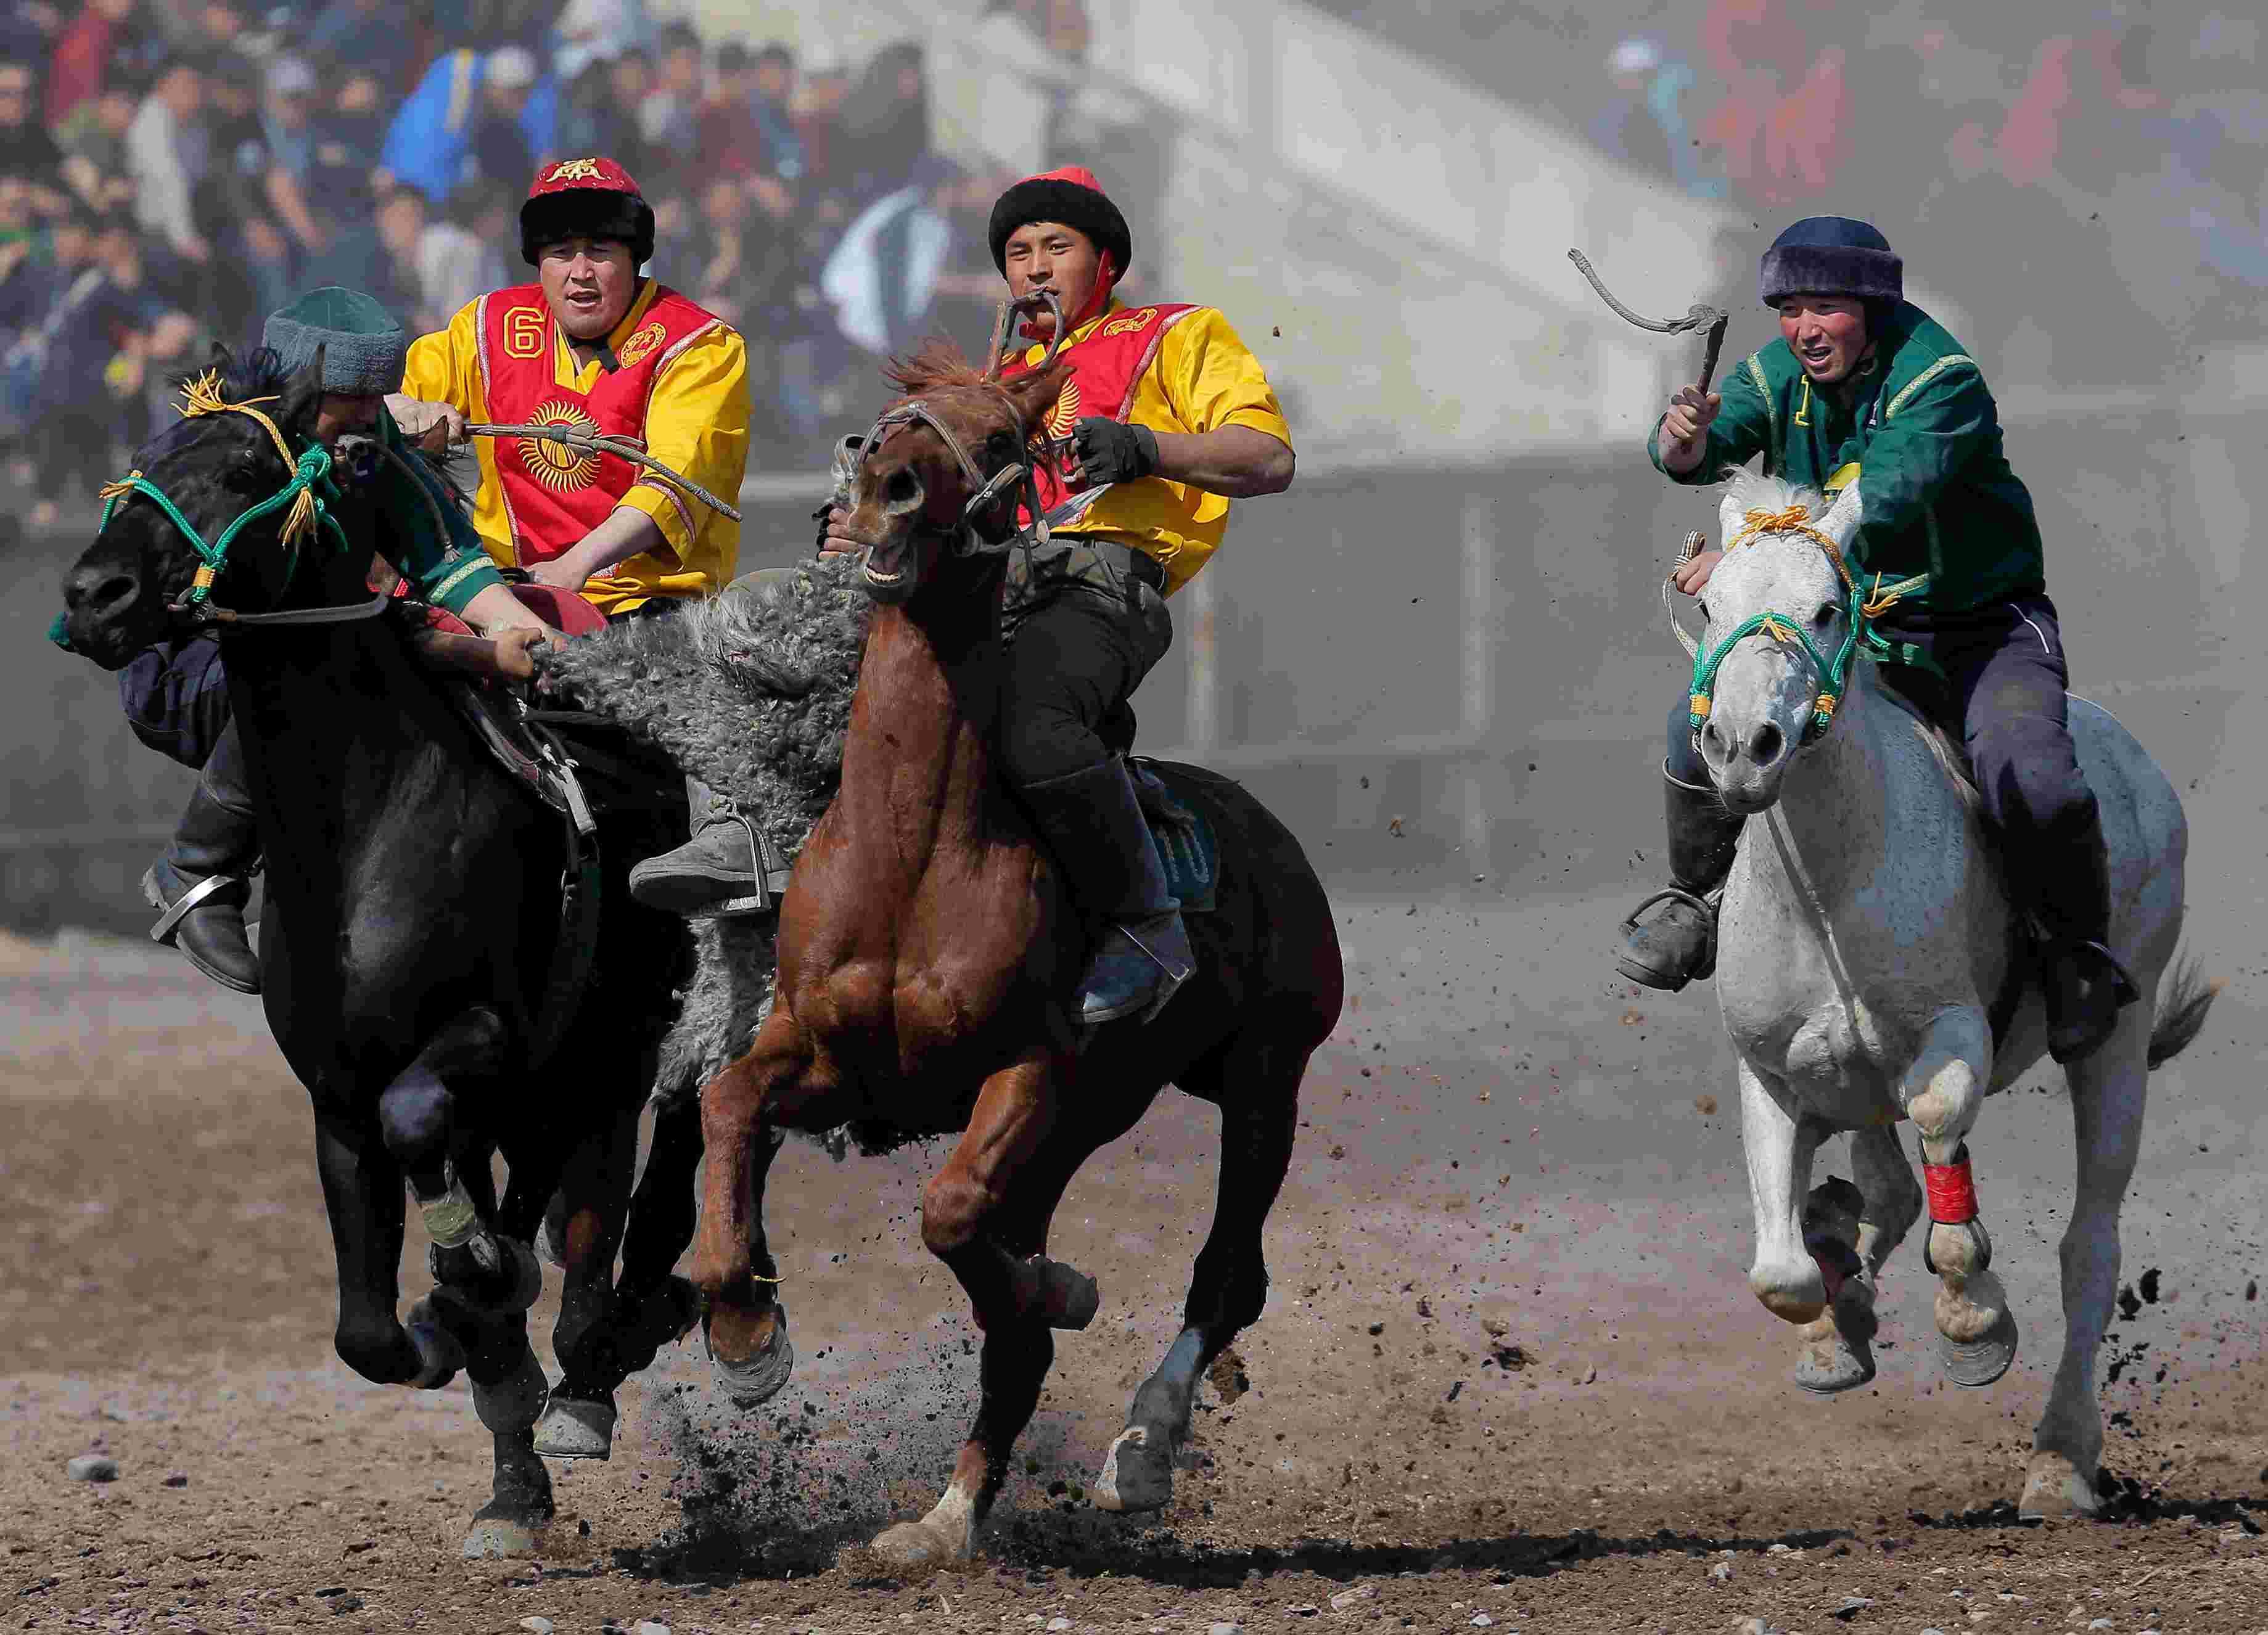 """吉尔吉斯斯坦举办""""马背叼羊""""大赛 骑手飞身夺羊精彩"""